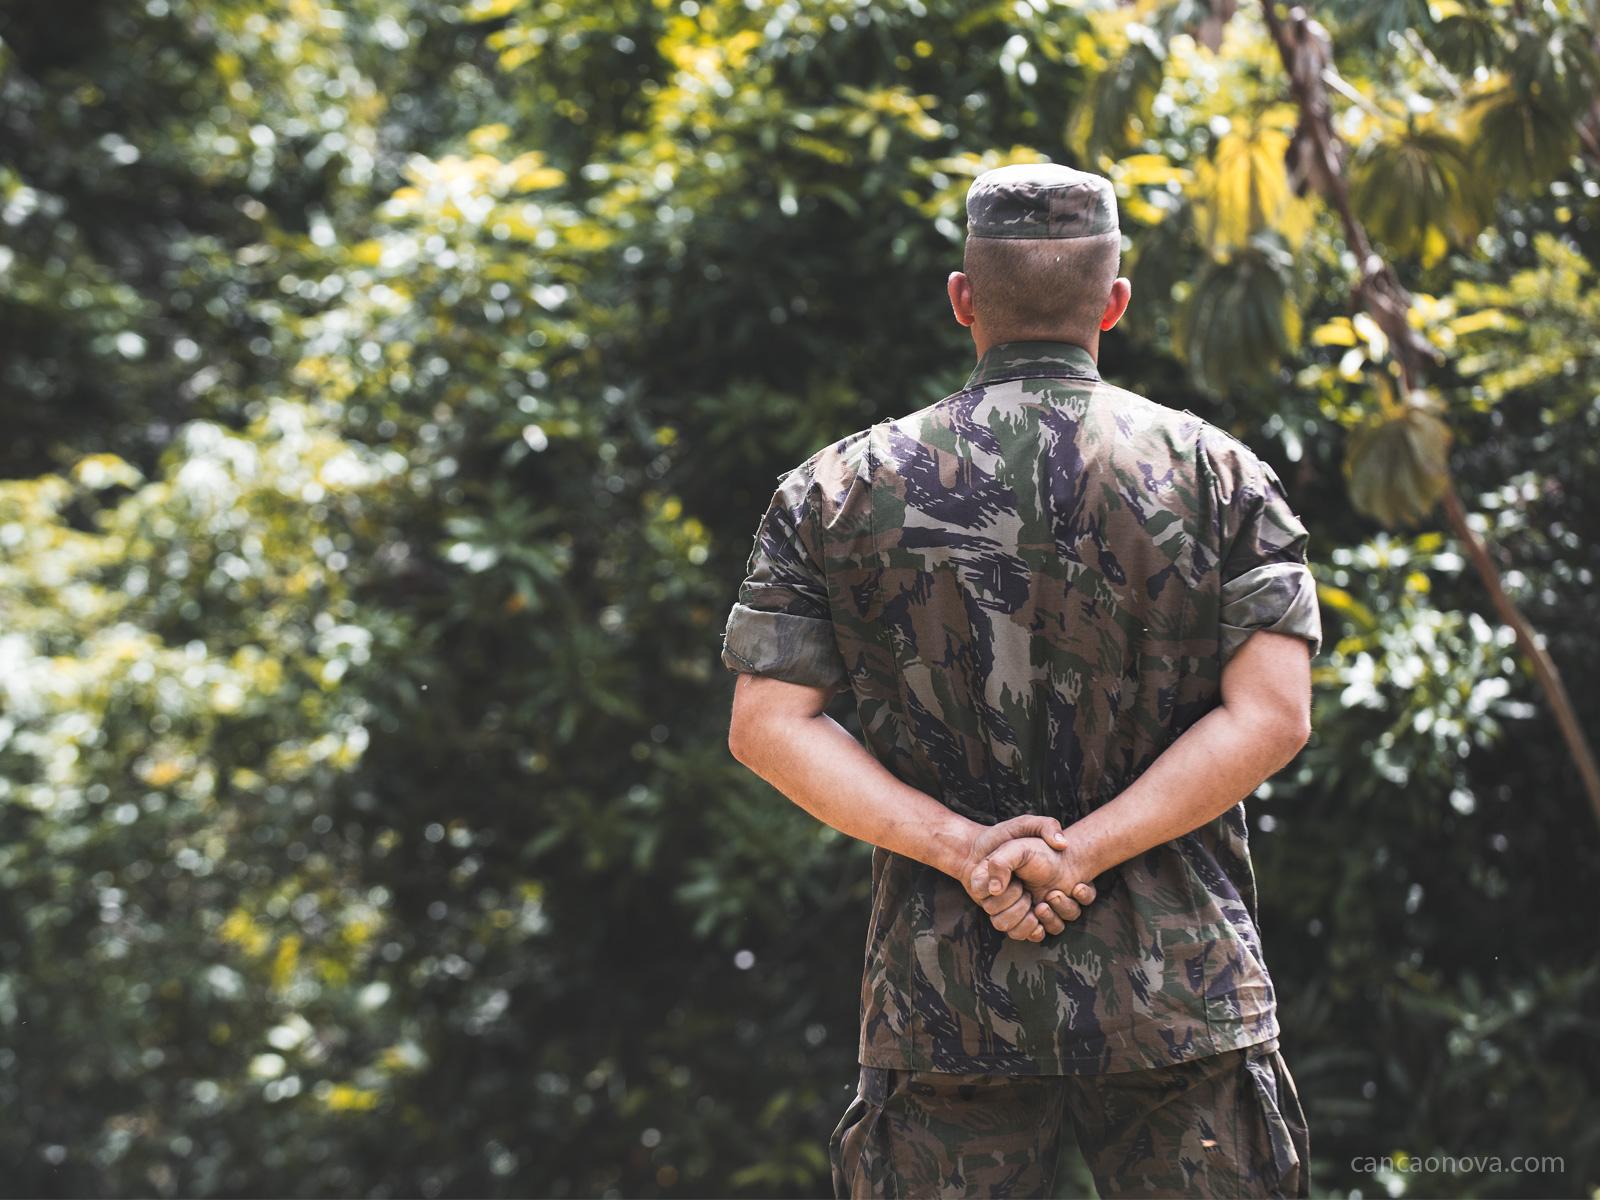 Todo soldado precisa fazer parte de um pelotão